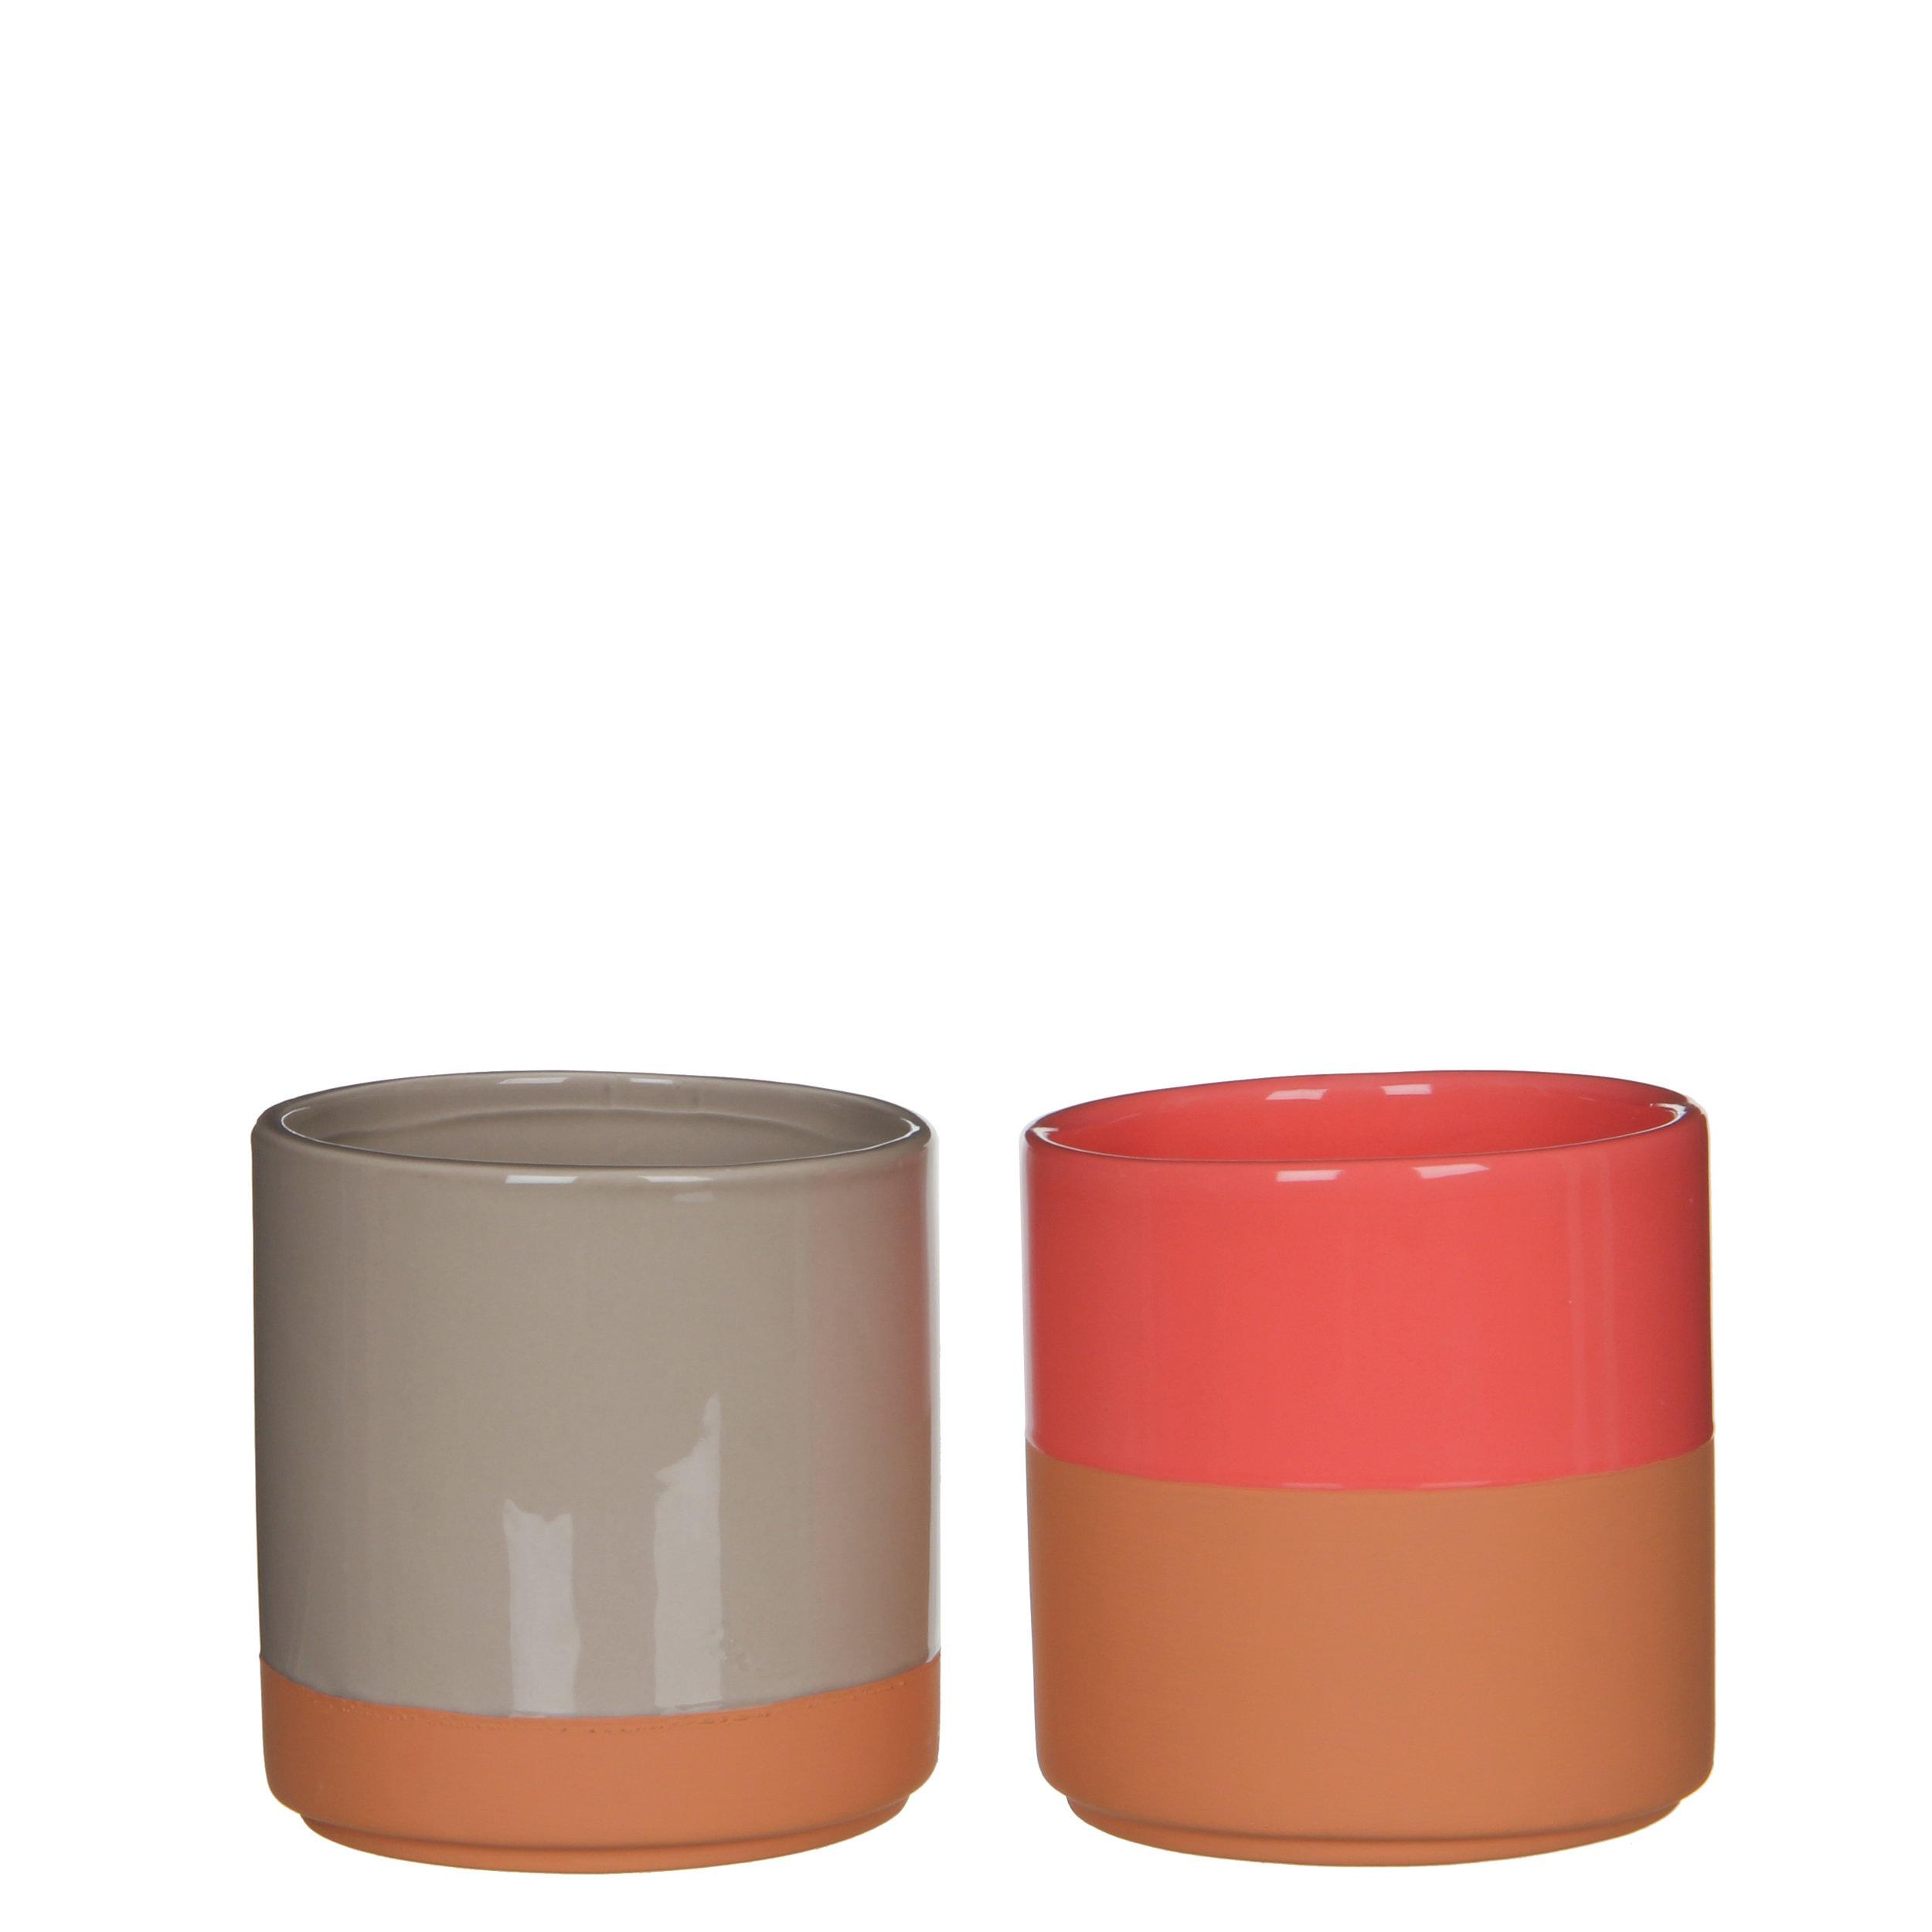 A pair of plant pots